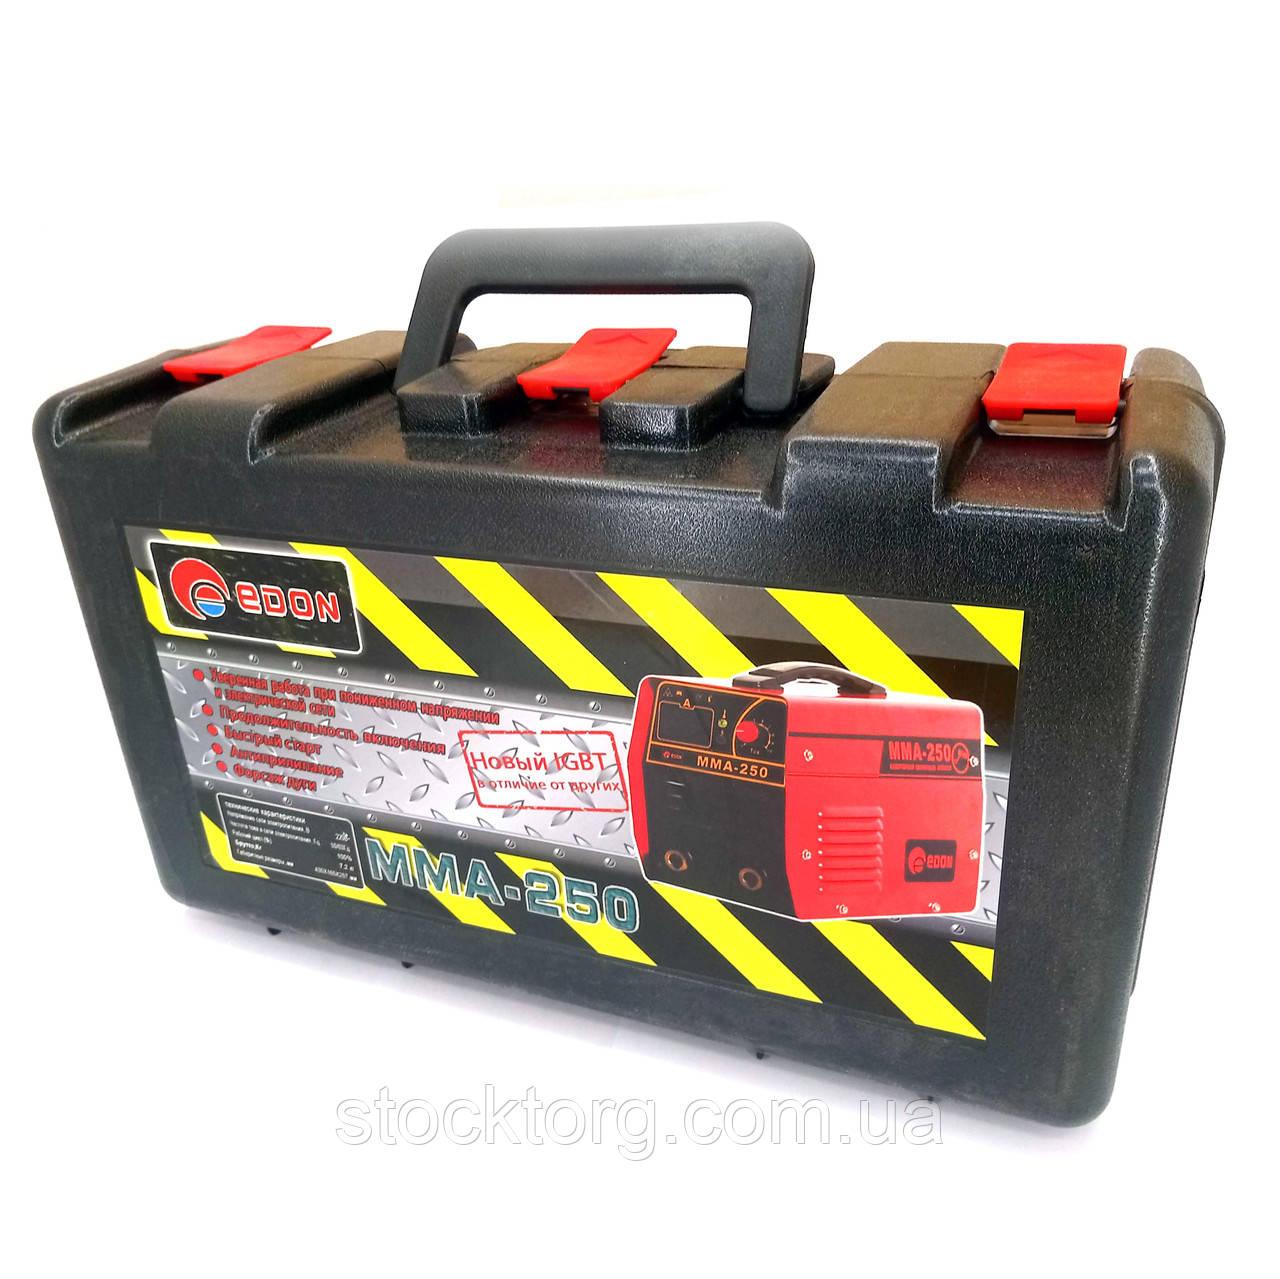 Сварочный инвертор Edon MMA-250 чемодан